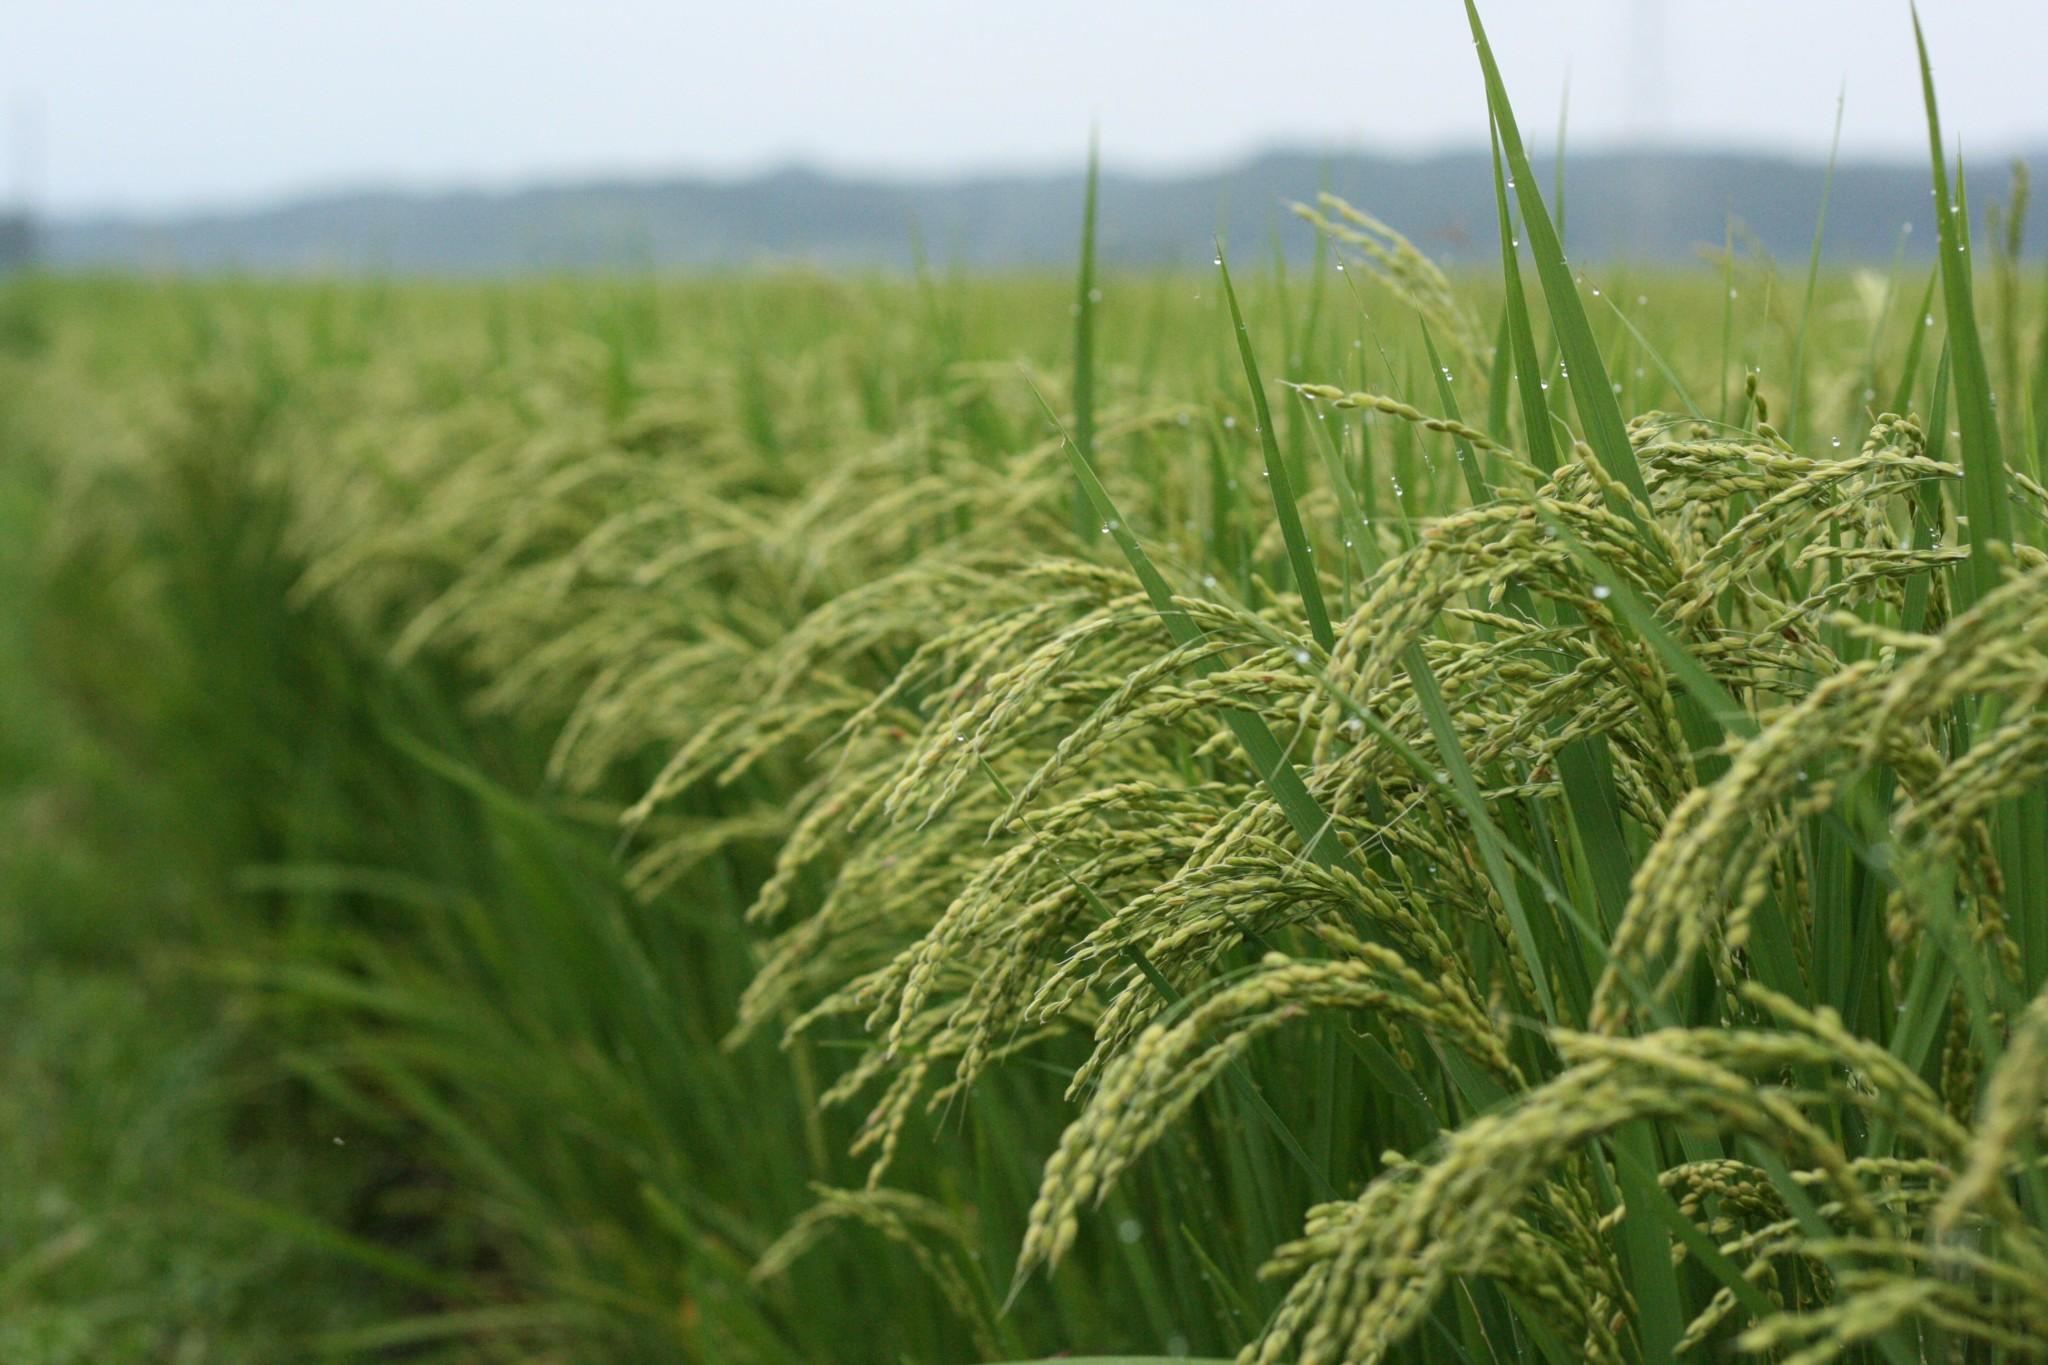 Secuenciación del genoma del arroz abre paso a múltiples investigaciones